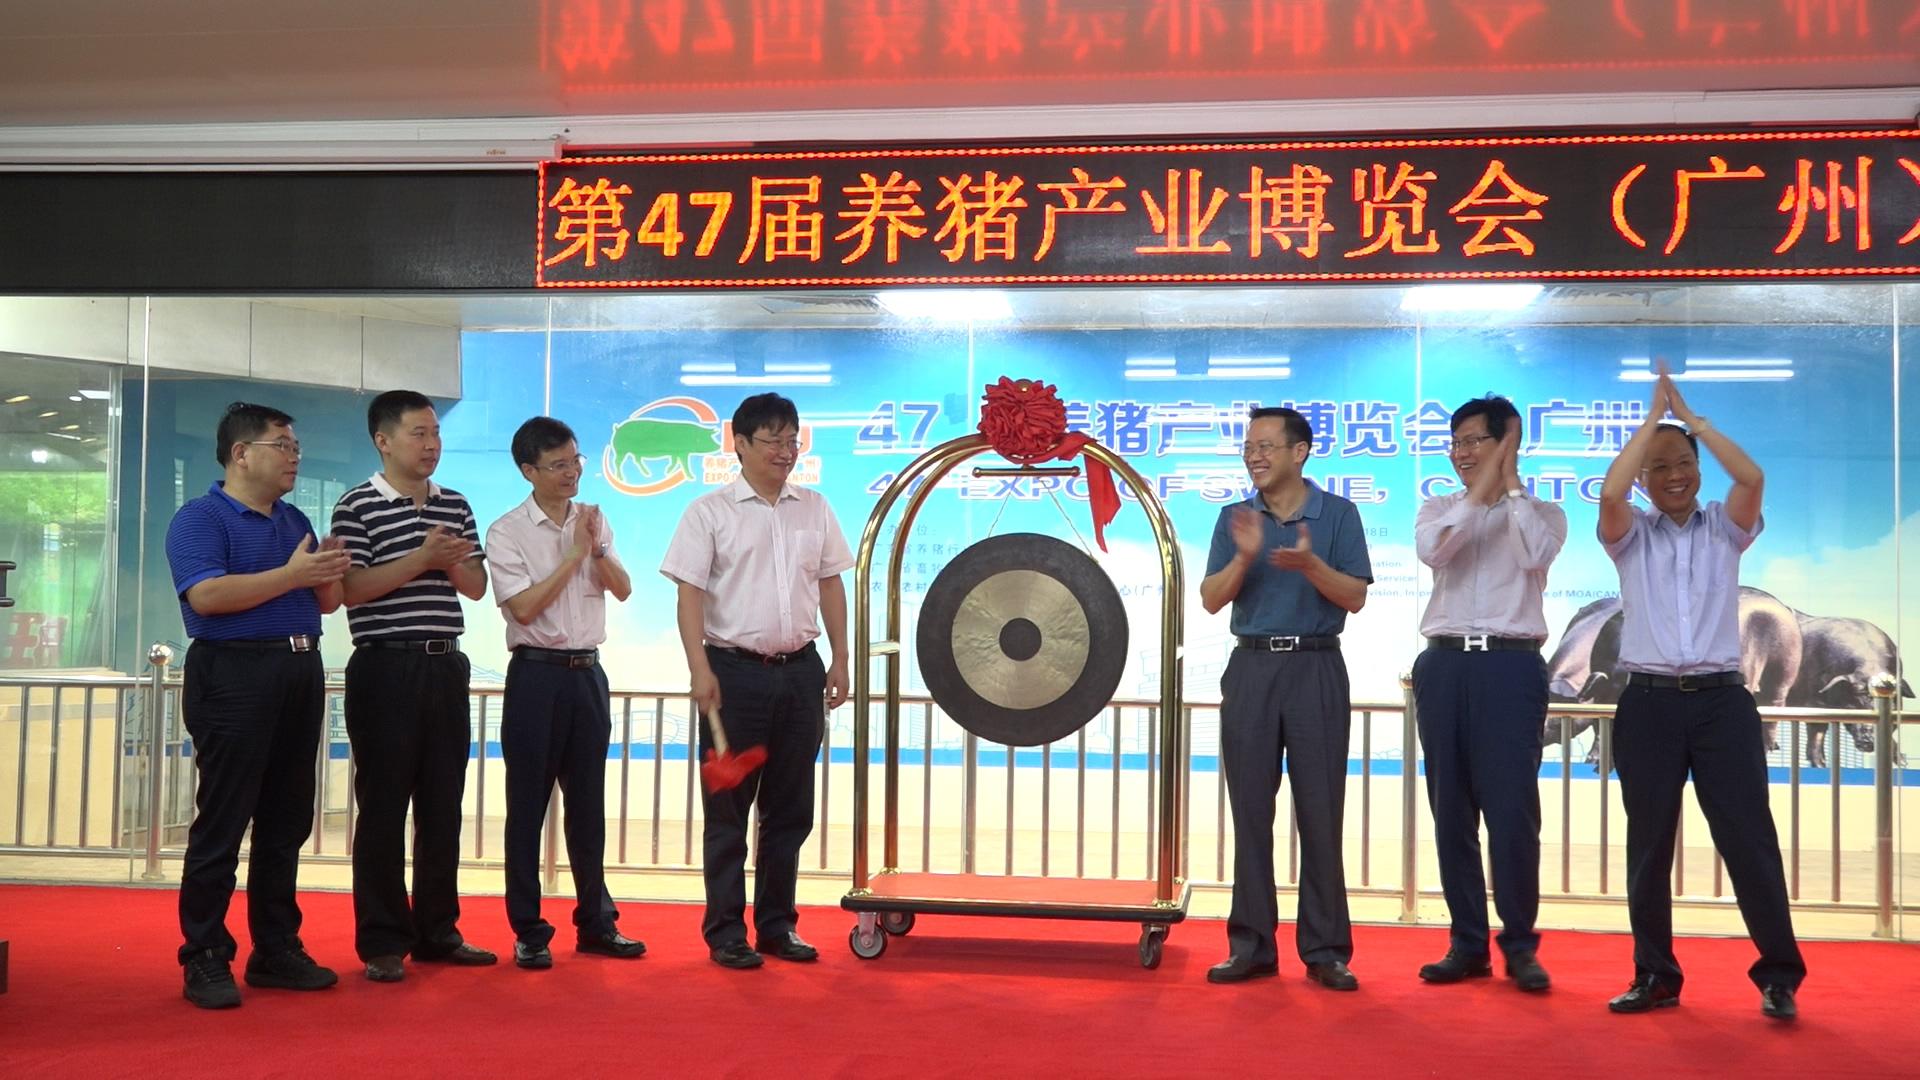 第47届养猪产业博览会(广州)图集之种猪拍卖